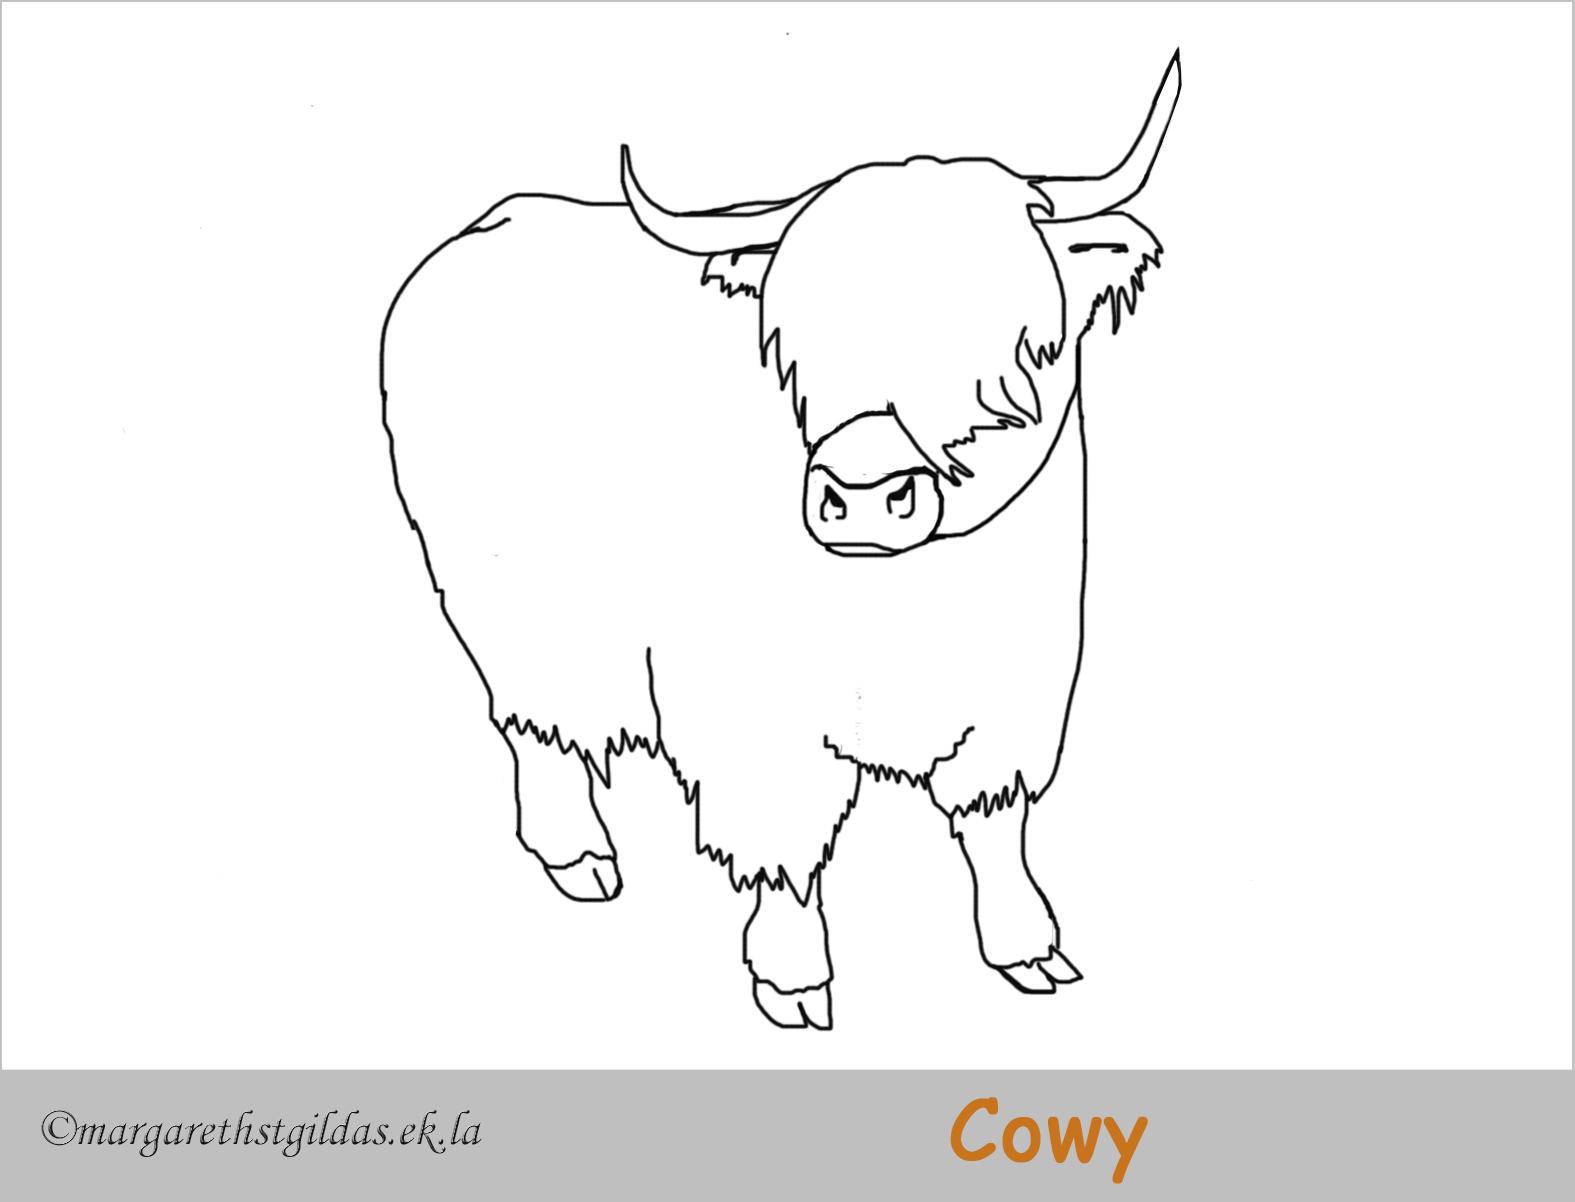 coloriage cowy, la petite vache des highlands - margareth